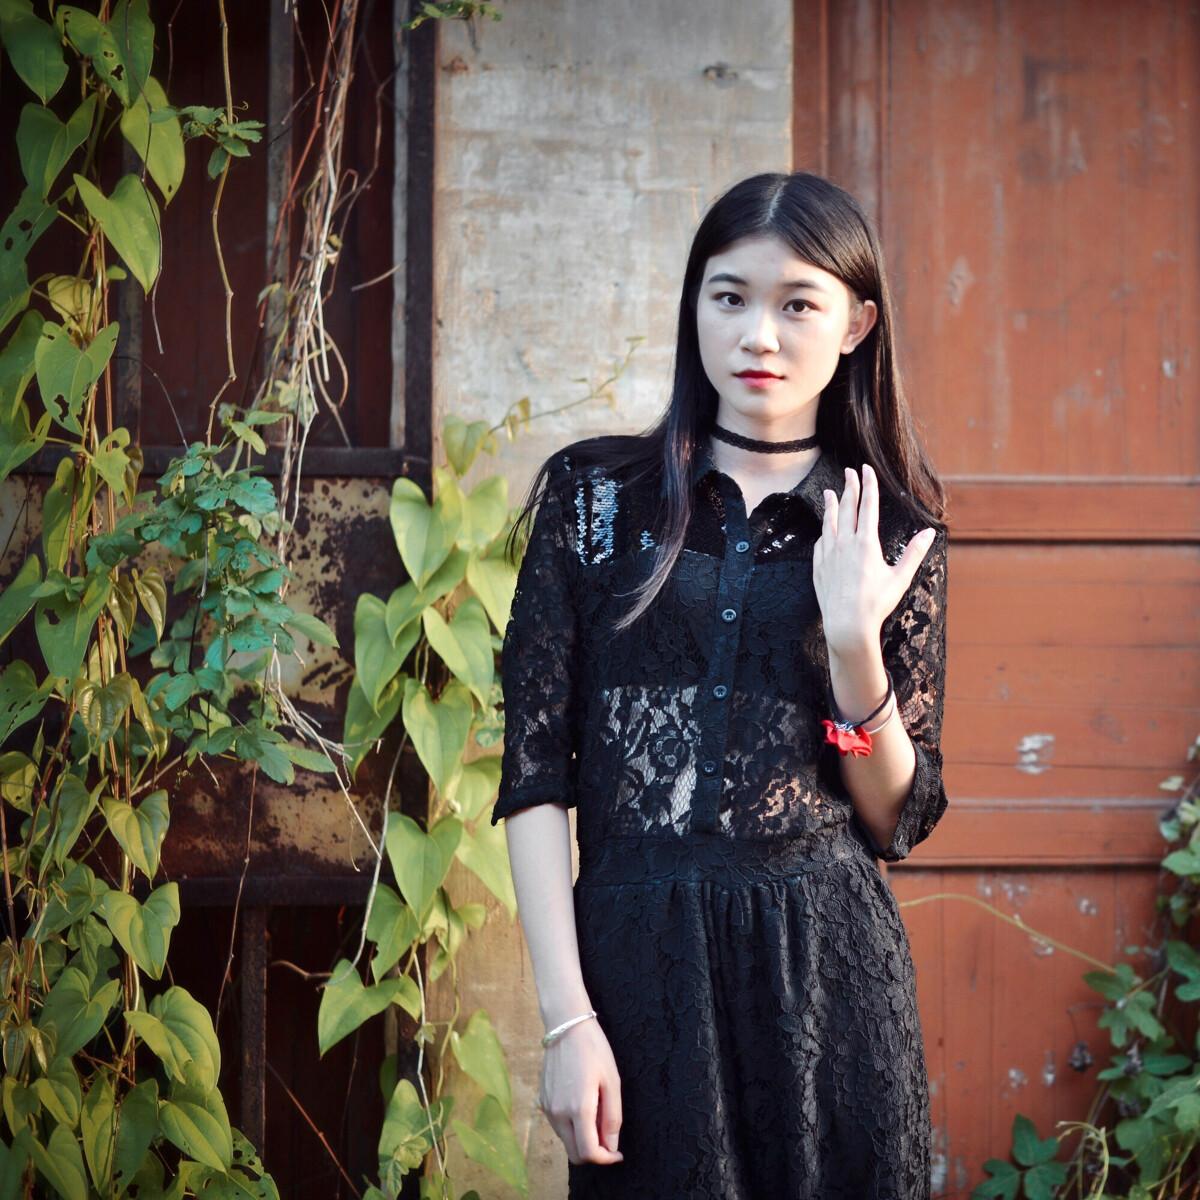 黑蕾丝召唤神龙-美女,美女,尼康-共度时尚L良宵黑白人像矢量图图片